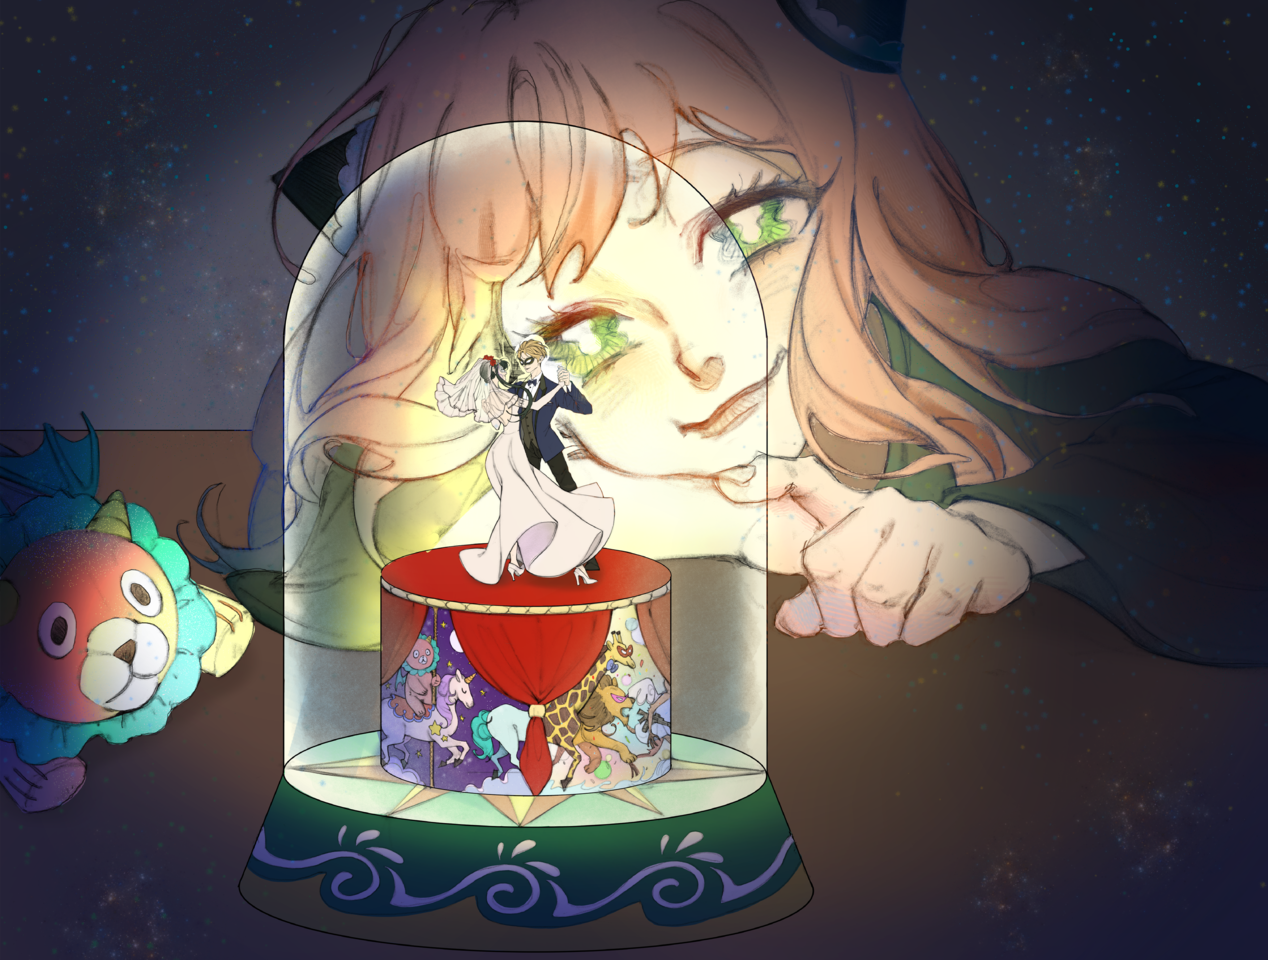 アーニャ心の中の世界 Illust of Maomao SPY×FAMILY_Contest